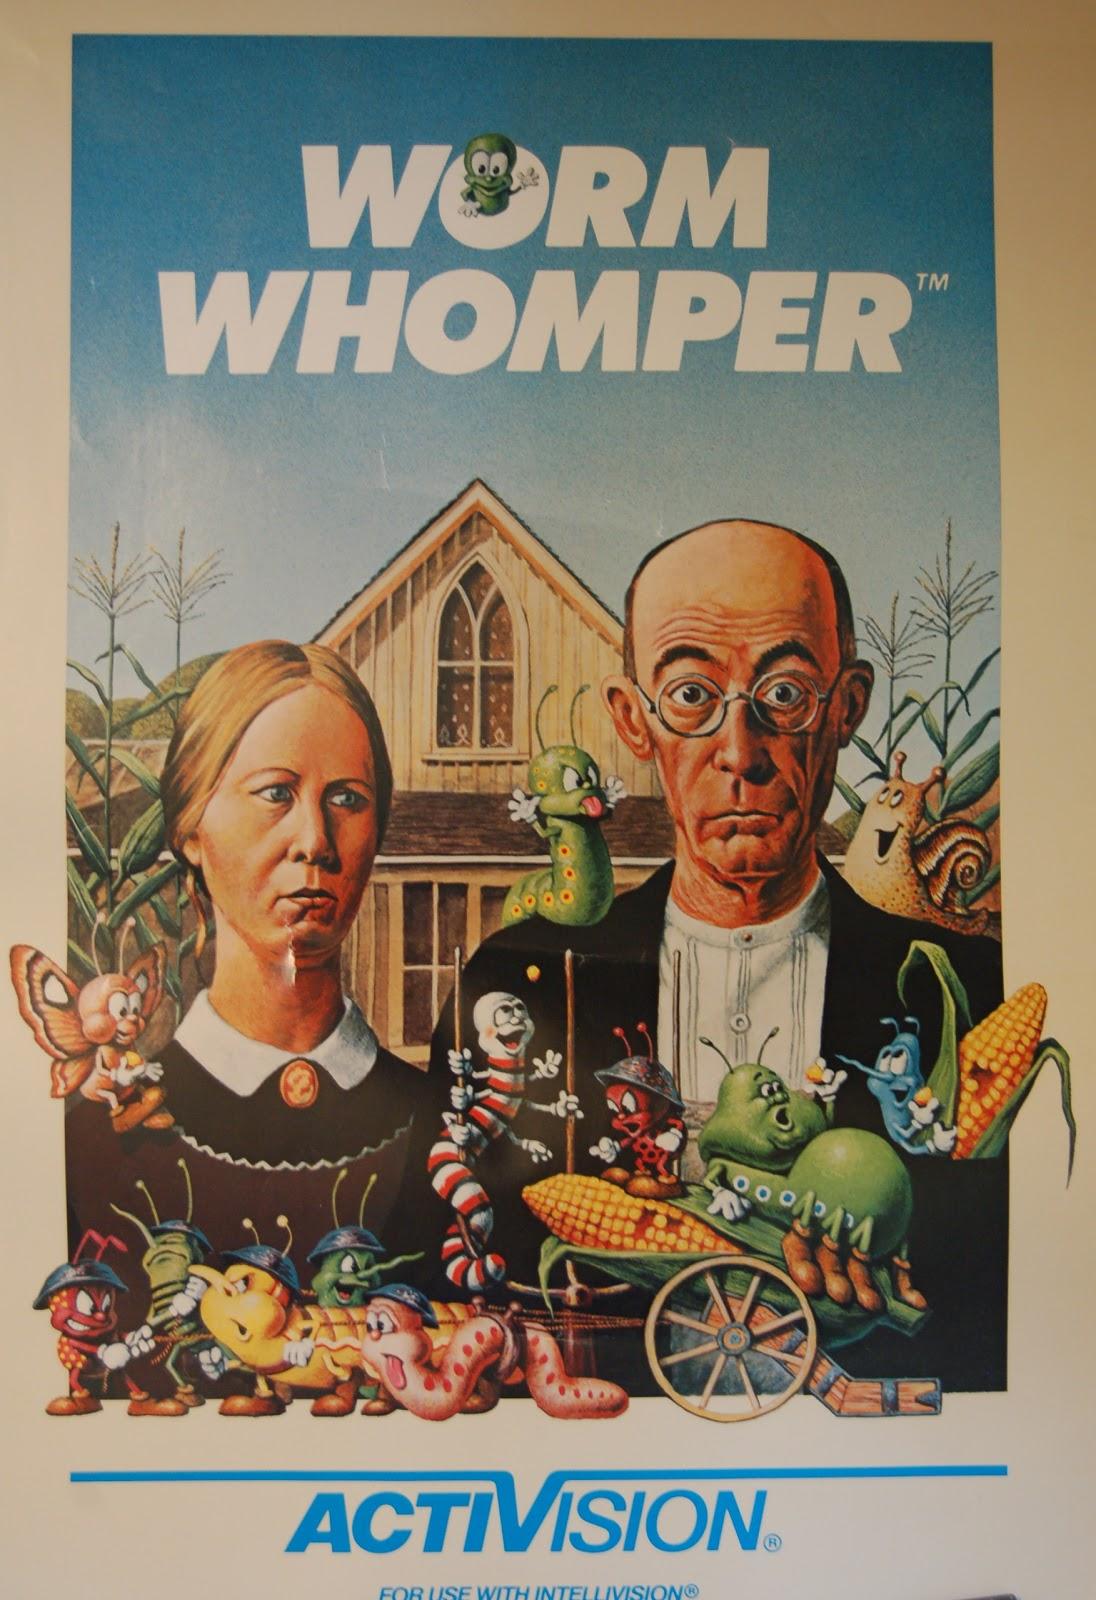 American Gothic Worm Whomper